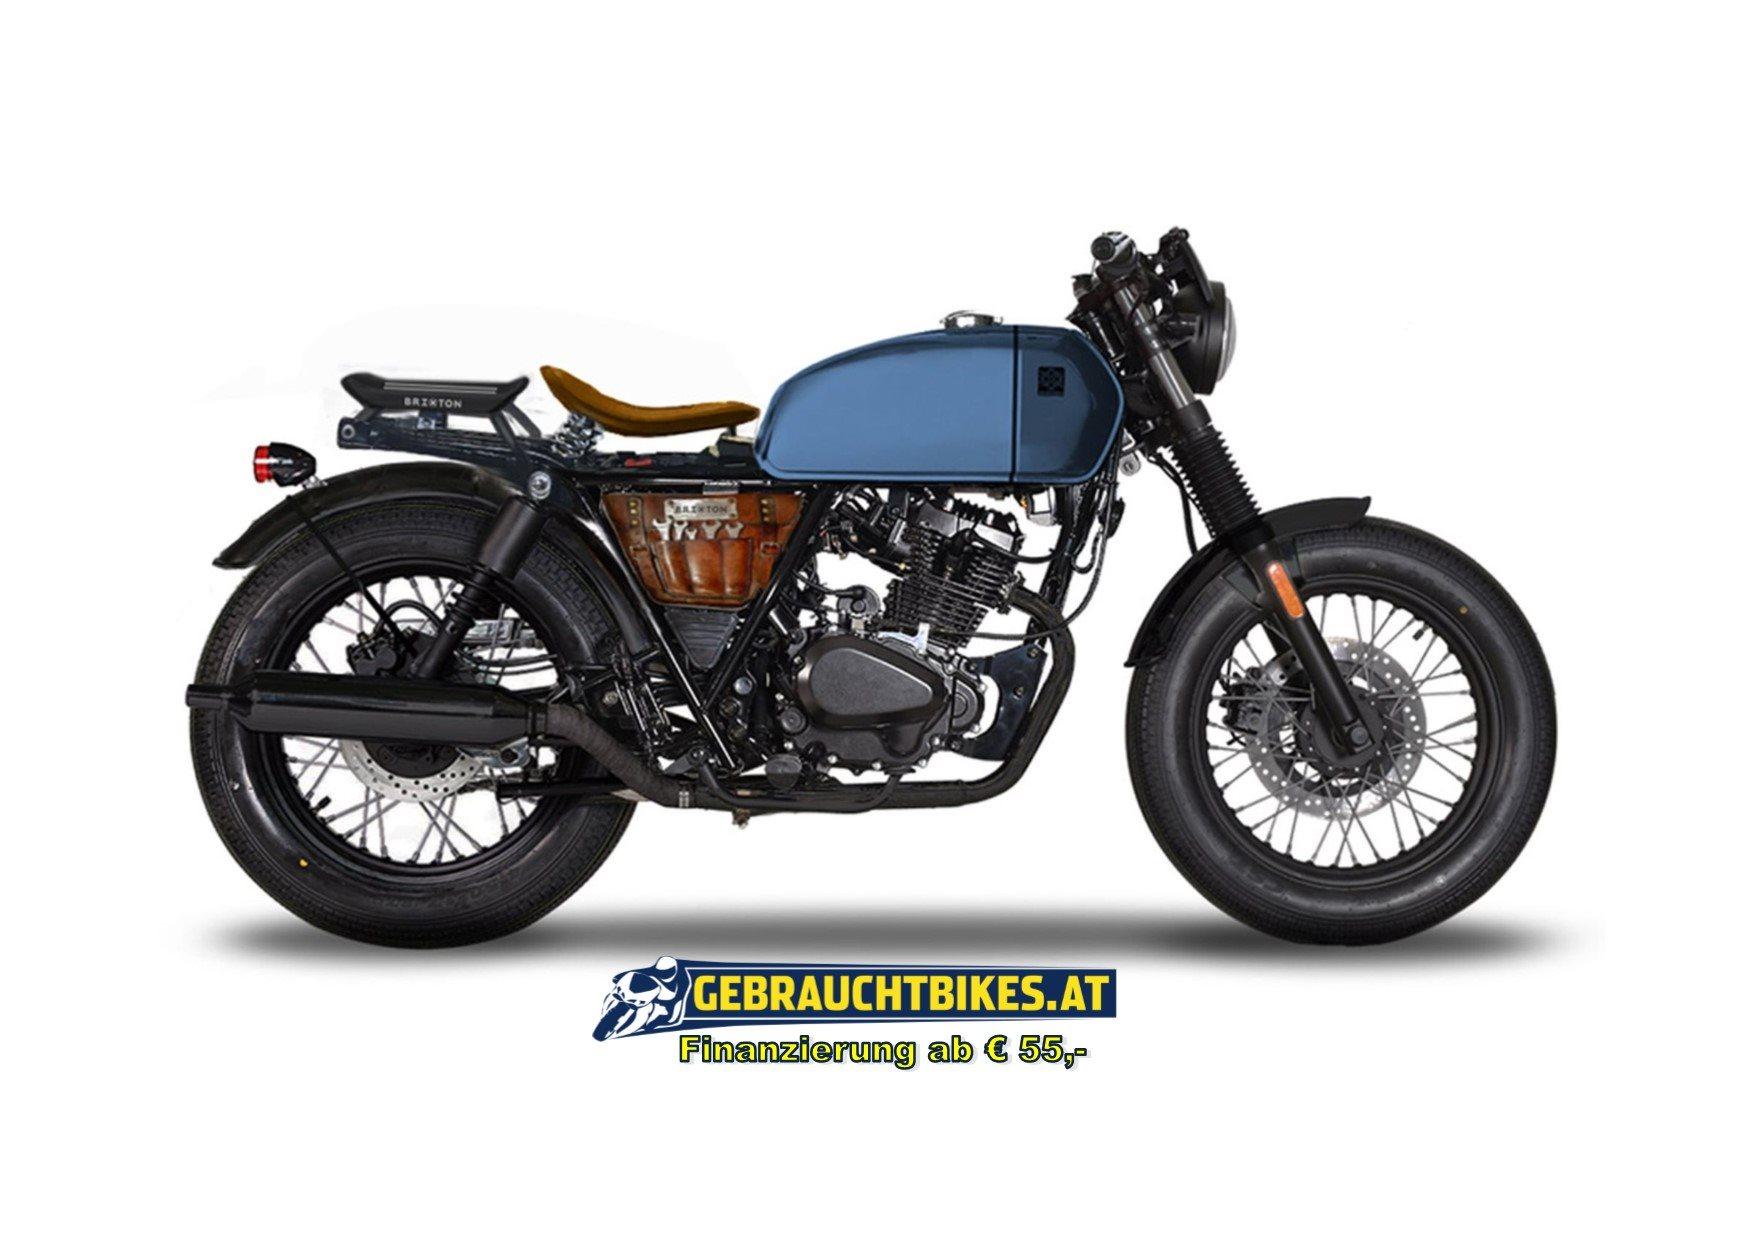 Brixton Rayburn 125 Motorrad, neu